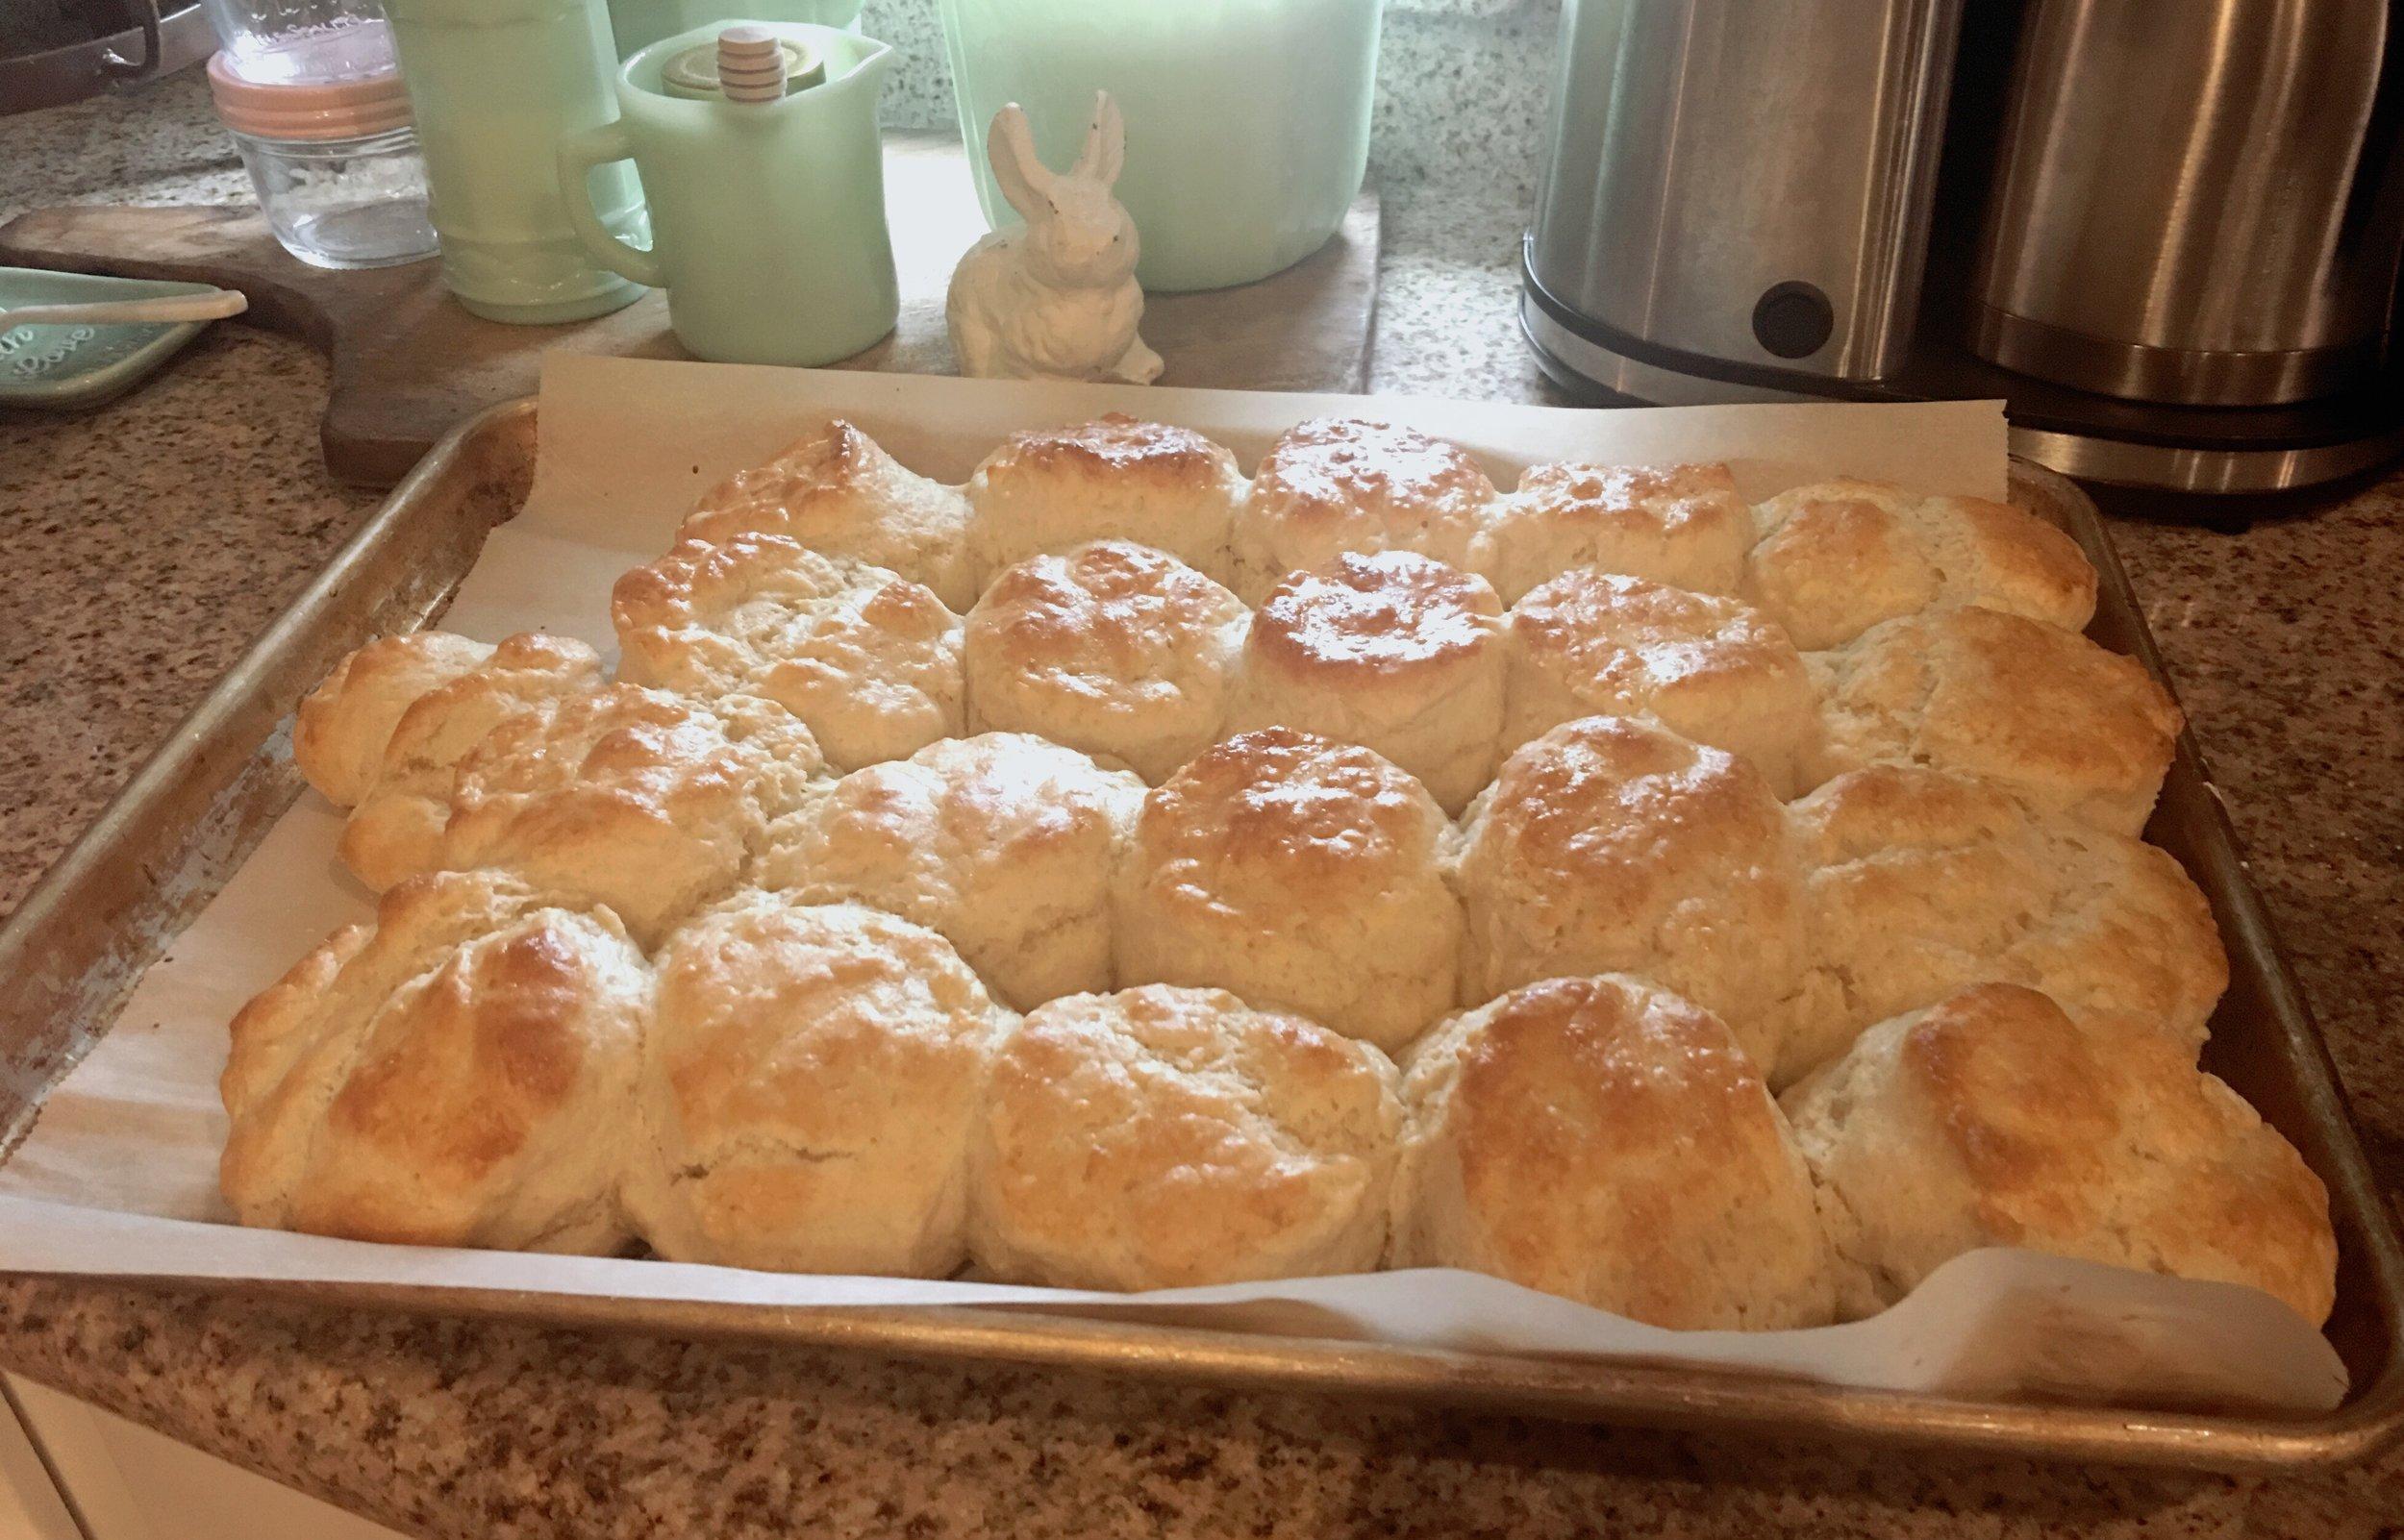 Haley Ogle/Biscuits